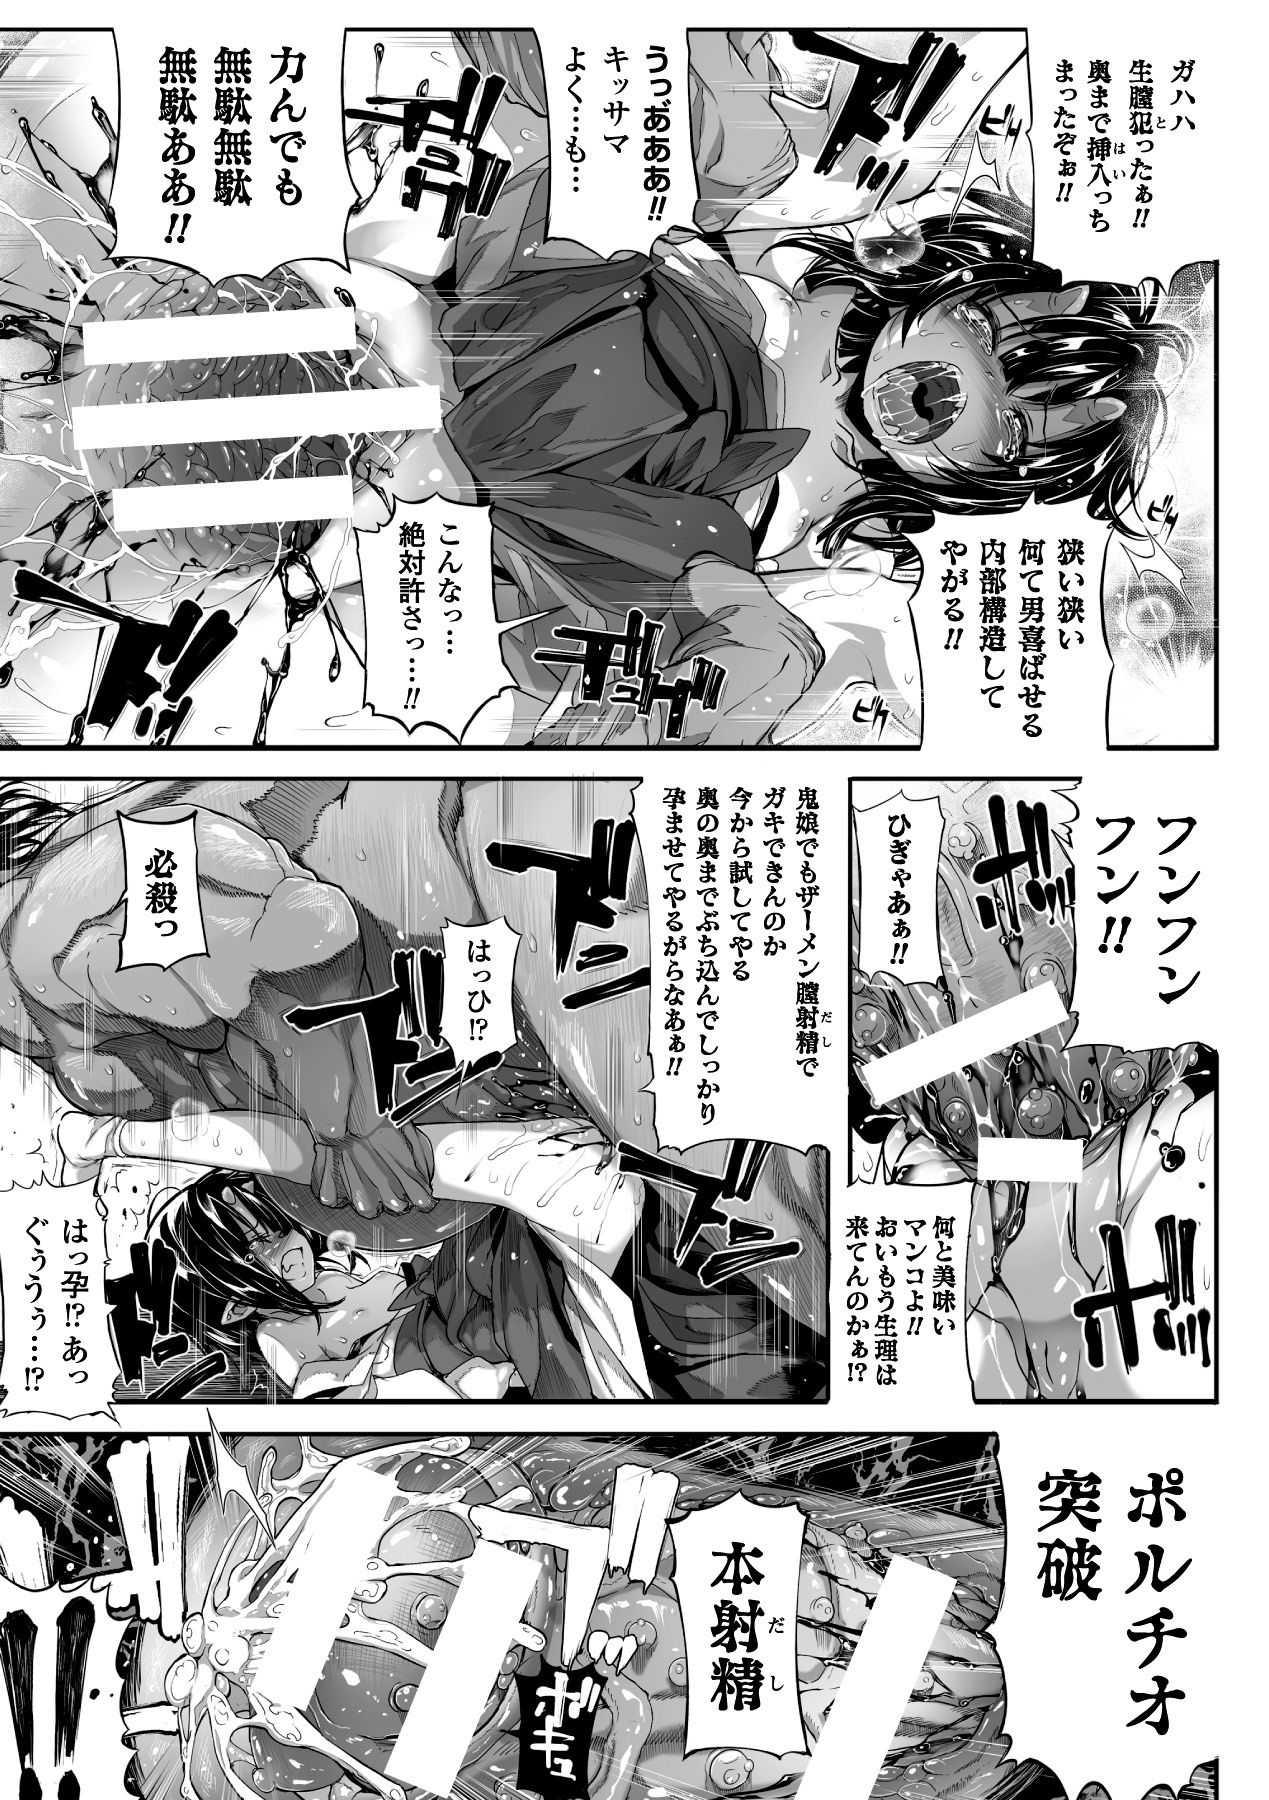 【エロ漫画】弟を人質に取られてしまった貧乳鬼っ娘…100人にブチ犯されて見るも無残な姿にwww【モチ:闘鬼凌辱】